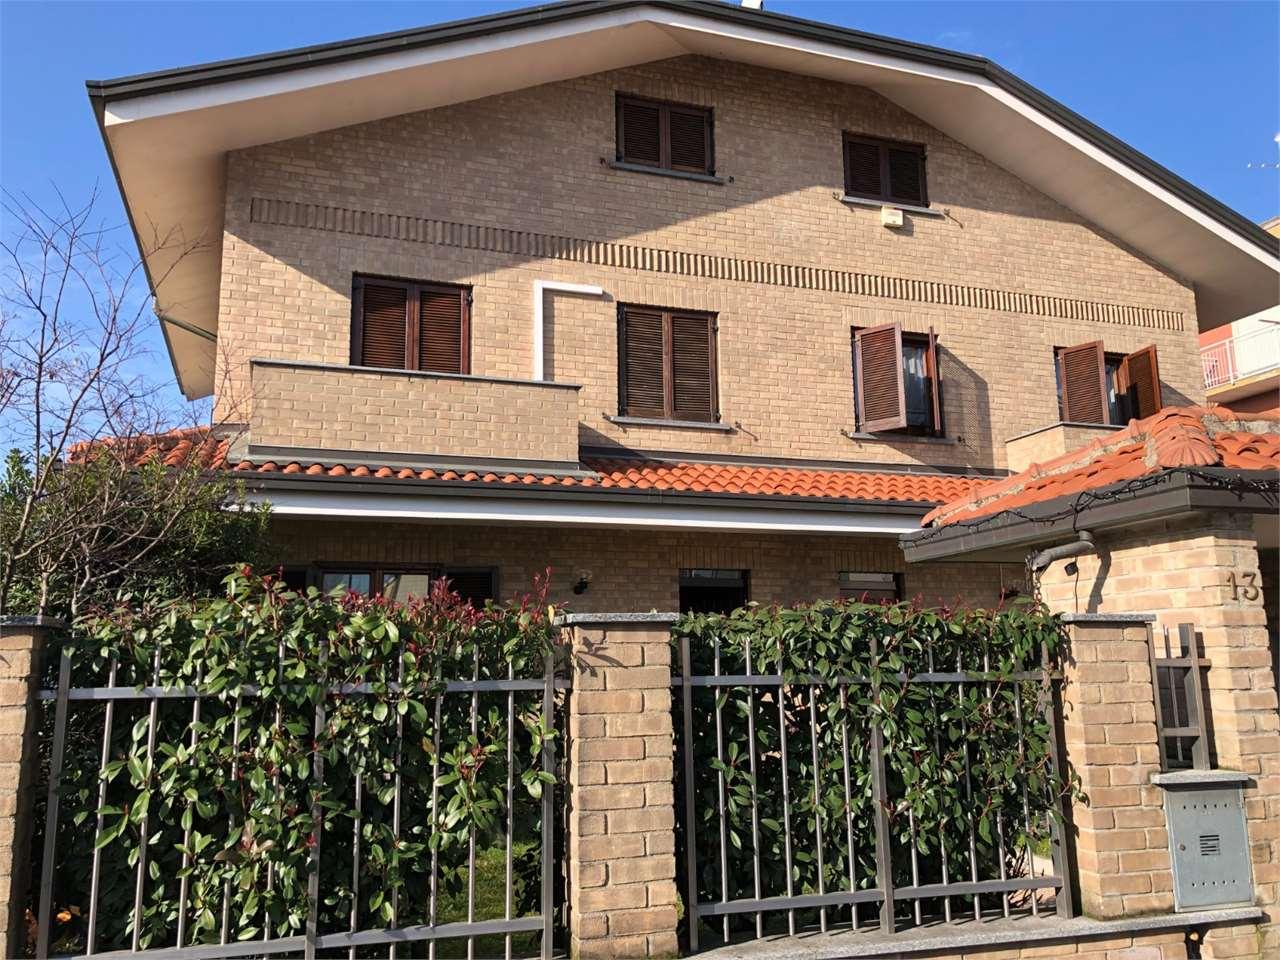 Monolocali In Vendita A Parigi case/ville in vendita a senago - casaspeciale.it